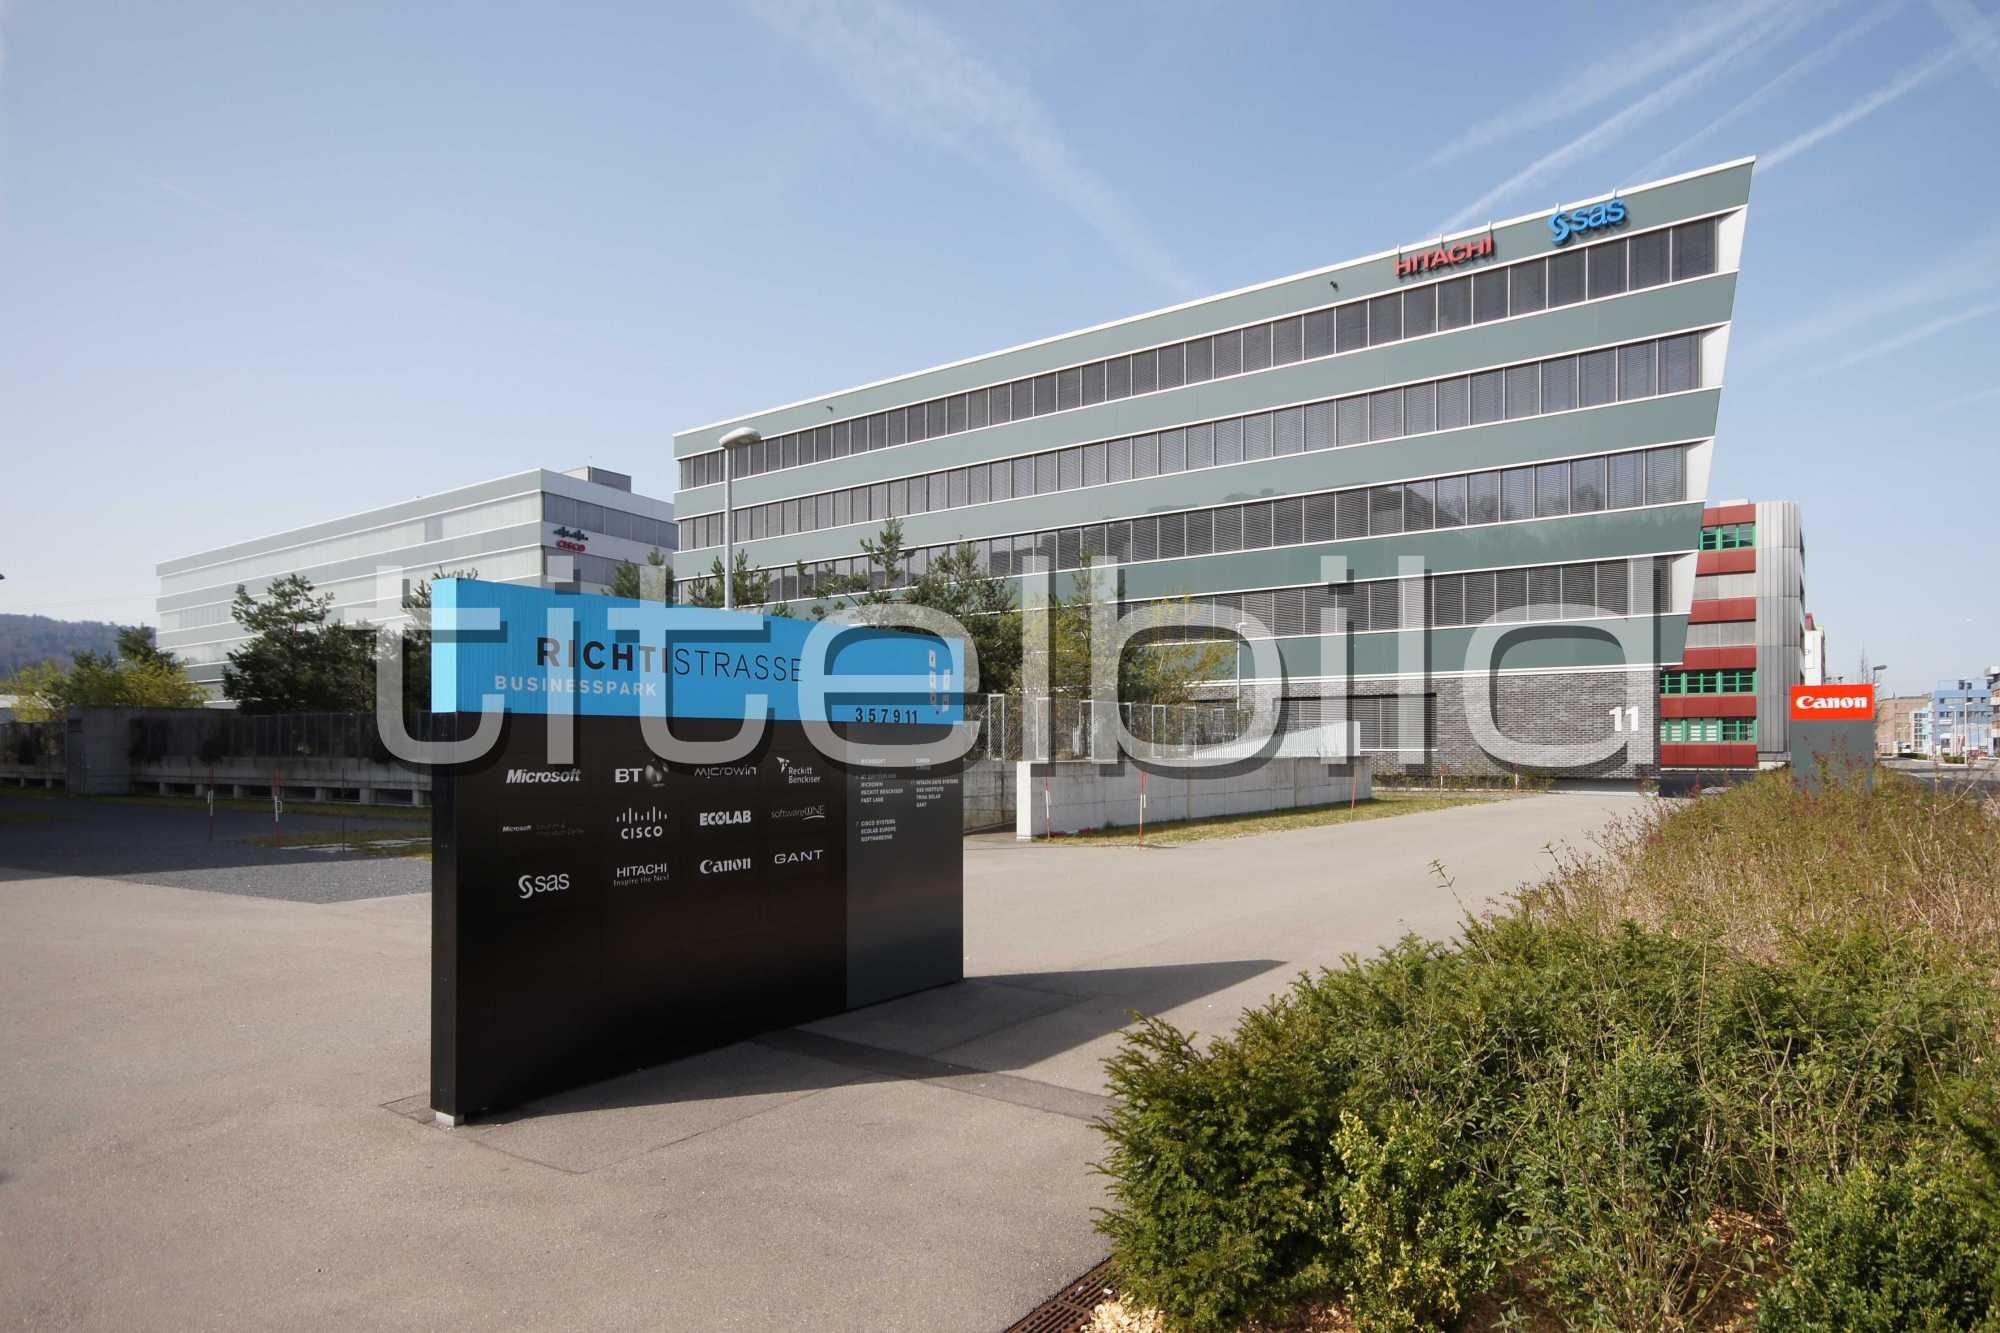 Projektbild-Nr. 4: Swing Richtistrasse Businesspark Gebäude 3 und 4